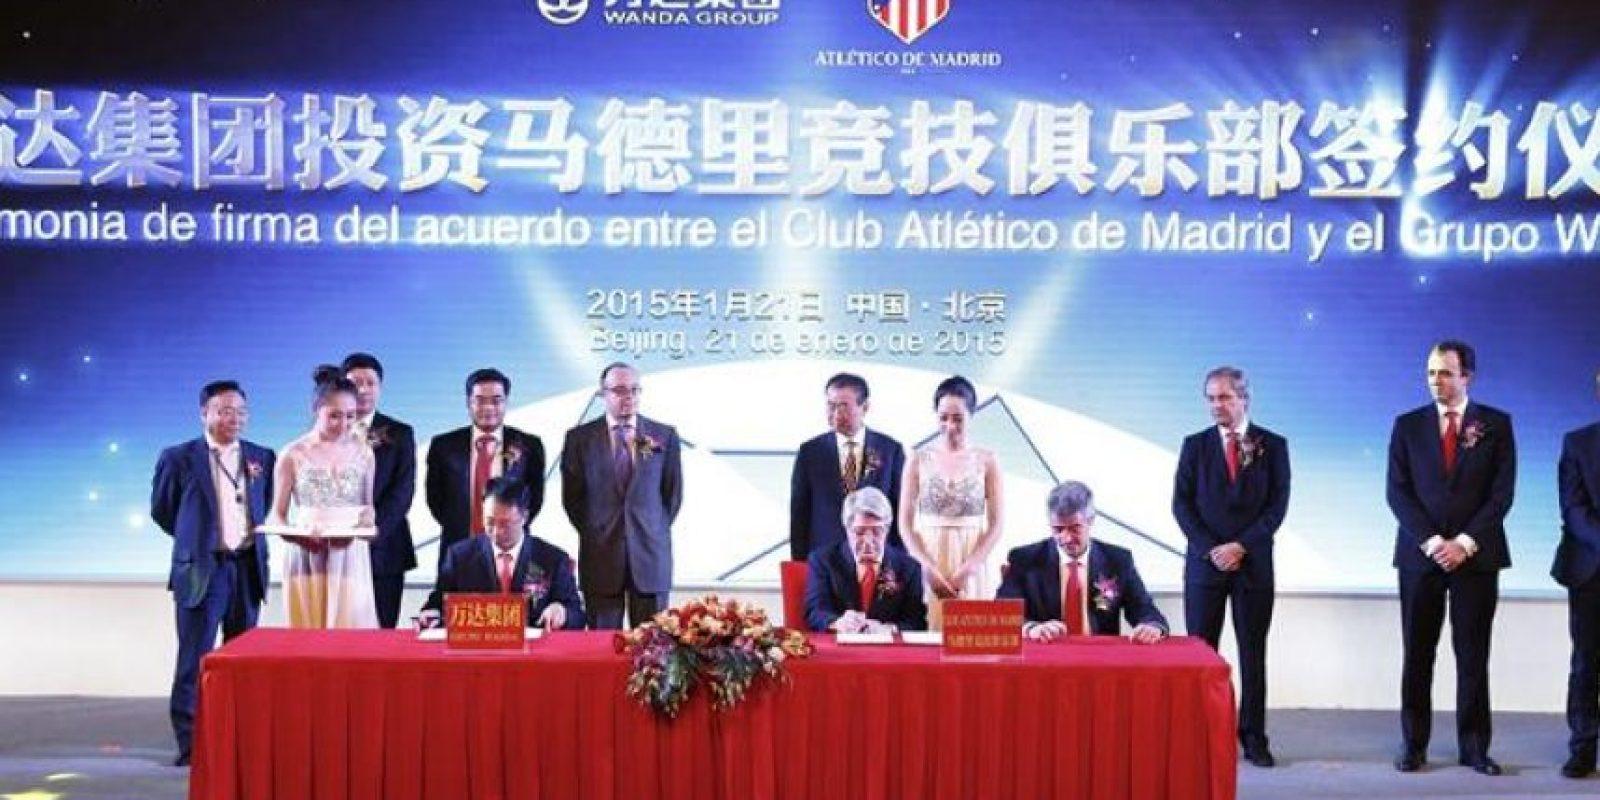 El presidente de la filial cultural del grupo Wanda, Zhang Lin (izda, sentado), el presidente del Atlético de Madrid, Enrique Cerezo (centro, sentado), y el consejero delegado del club rojiblanco, Miguel Ángel Gil (dcha, sentado), firman un acuerdo ante el magnate y propietario del gigantesco conglomerado empresarial Wanda, Wang Jianlin (en pie, 5ºdcha), en Pekín (China) este miércoles 21 de enero de 2015. EFE